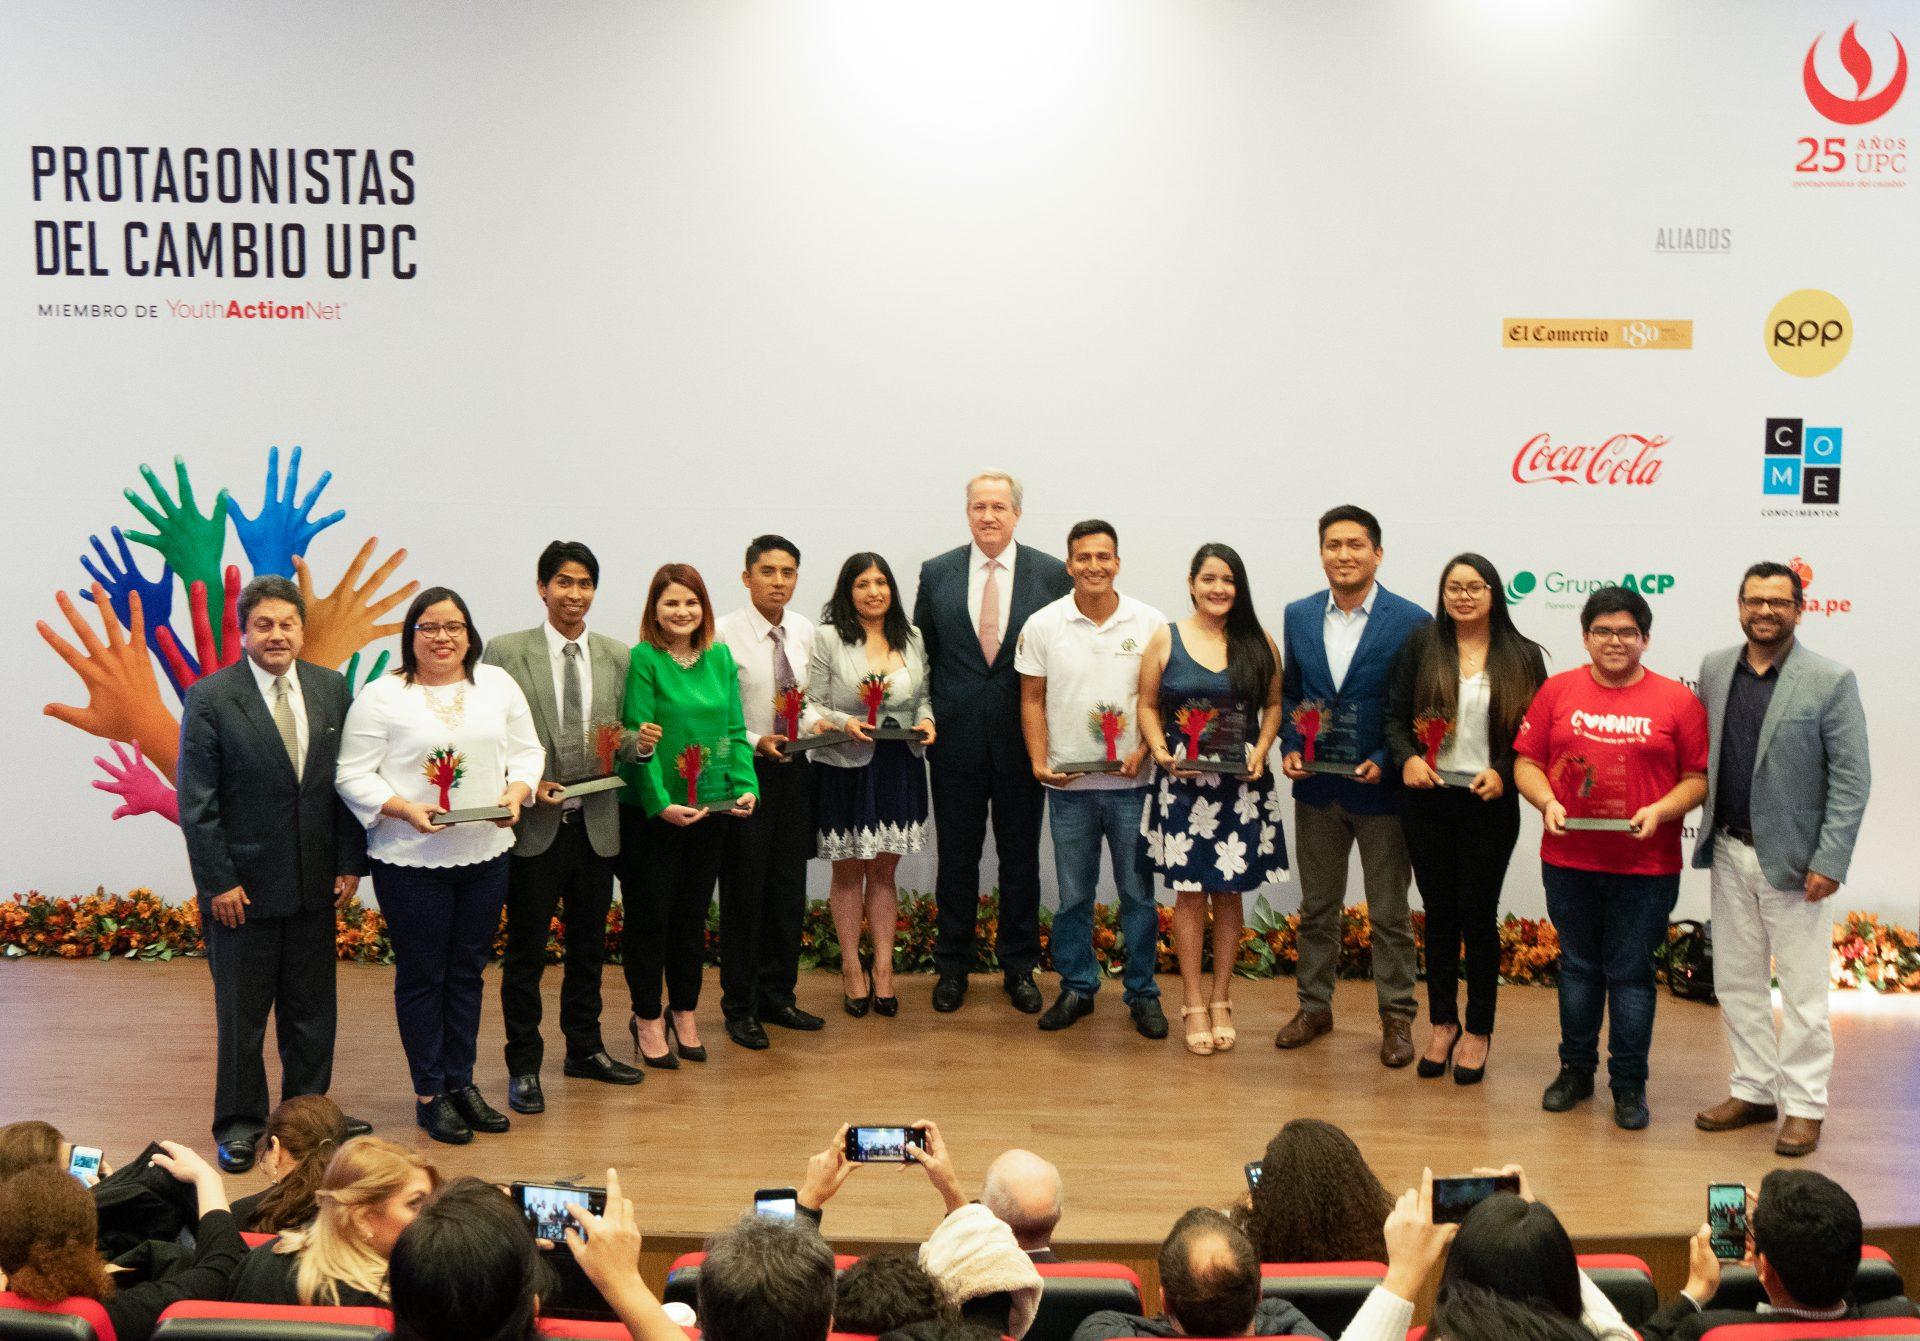 Ganadores de Protagonistas del Cambio UPC 2019